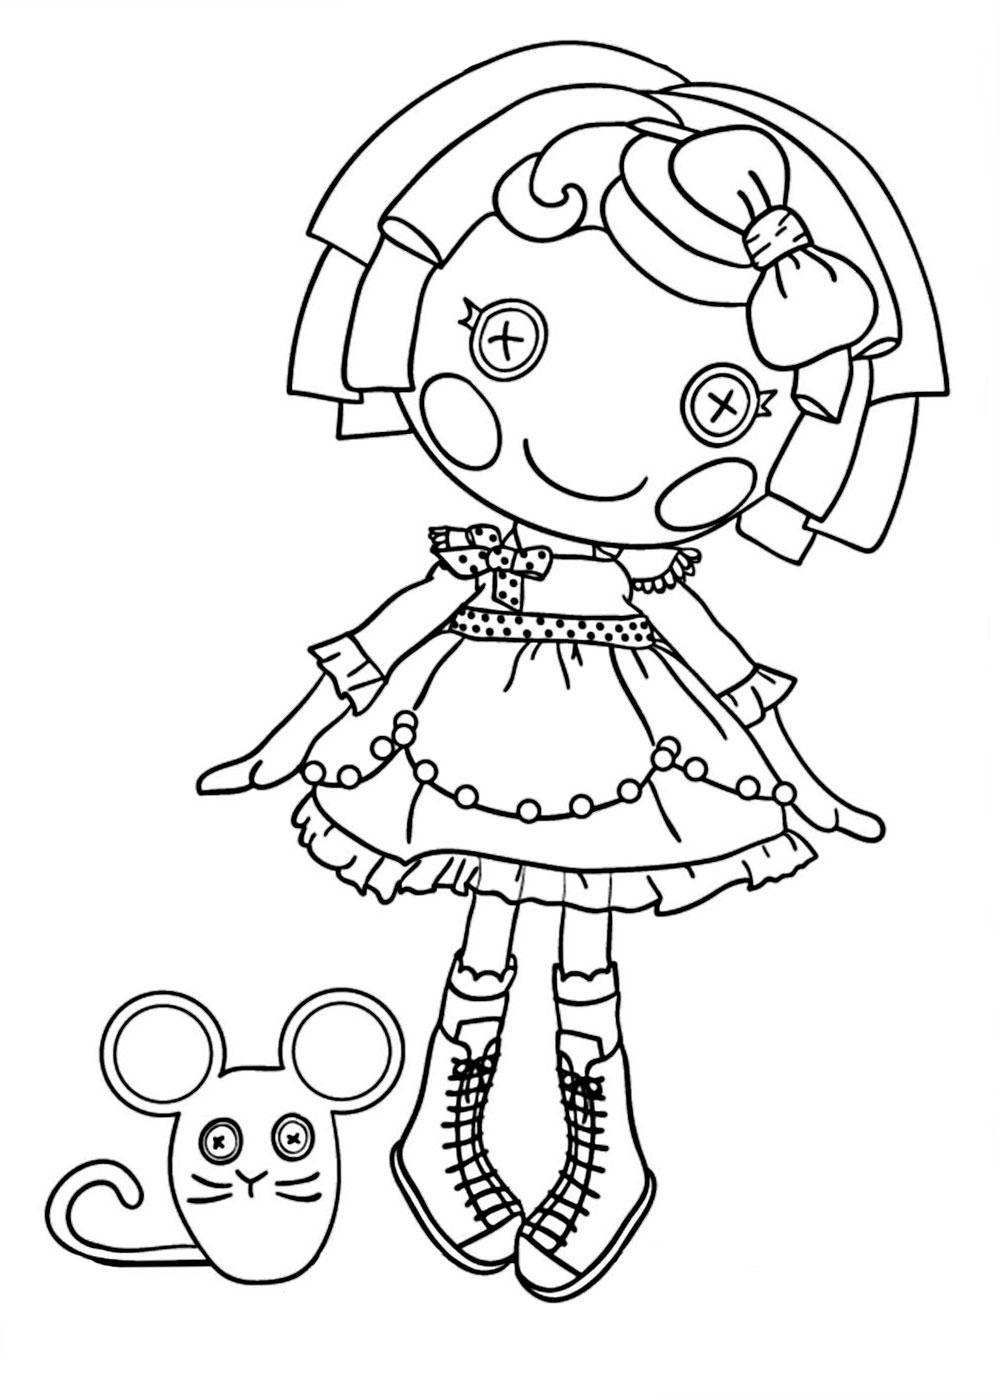 coloring pages lalaloopsy dolls lalaloopsy doll coloring pages coloring pages to pages lalaloopsy coloring dolls